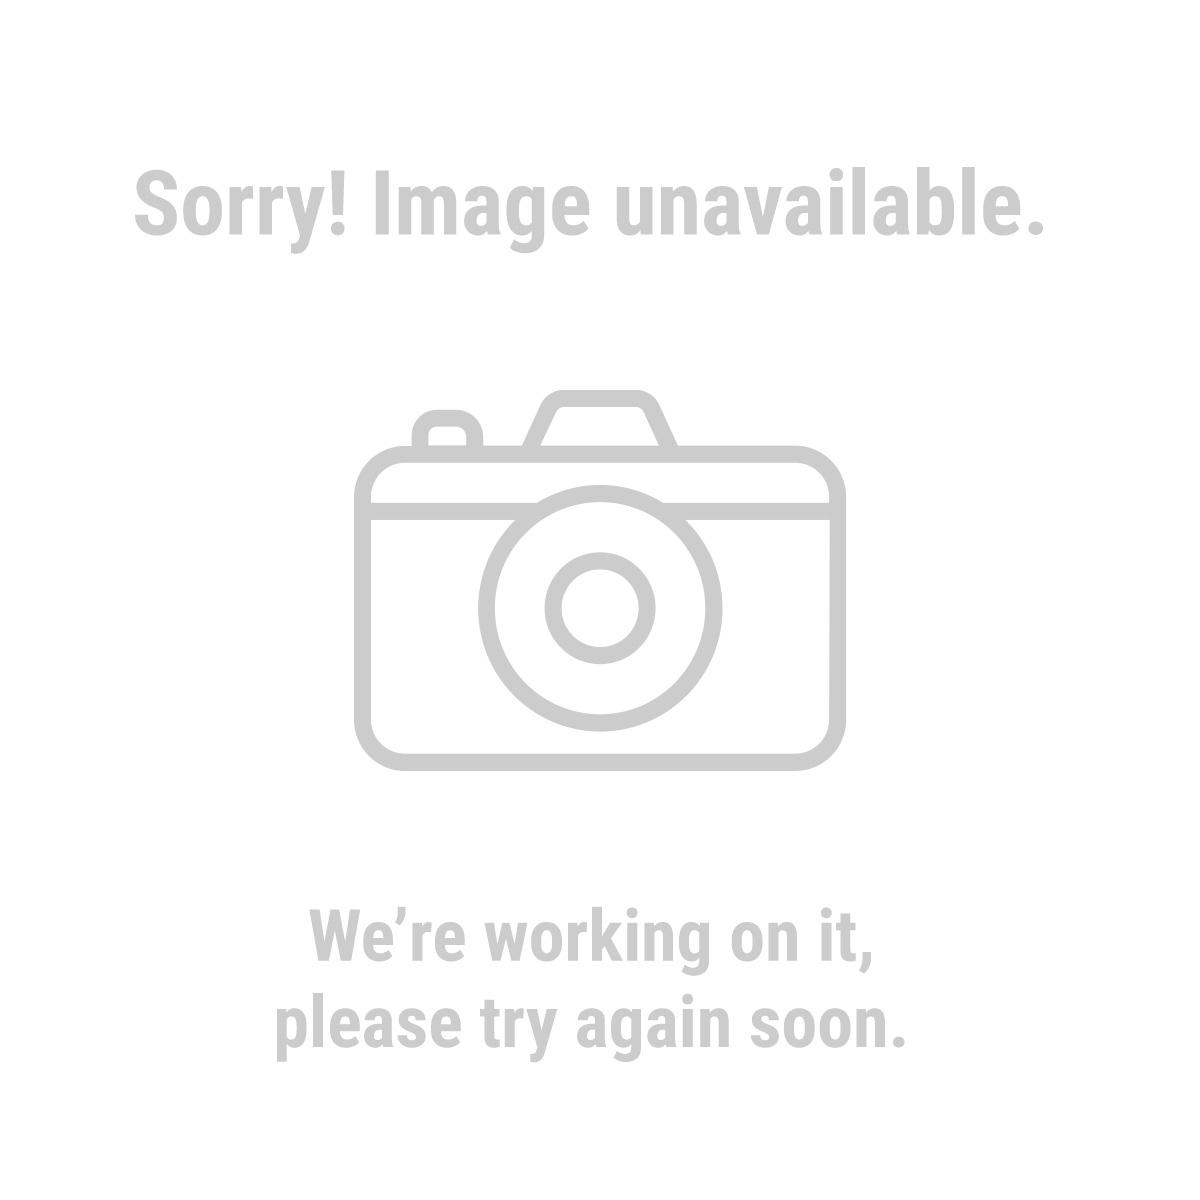 HFT 62205 Anti-Fatigue Roll Mat